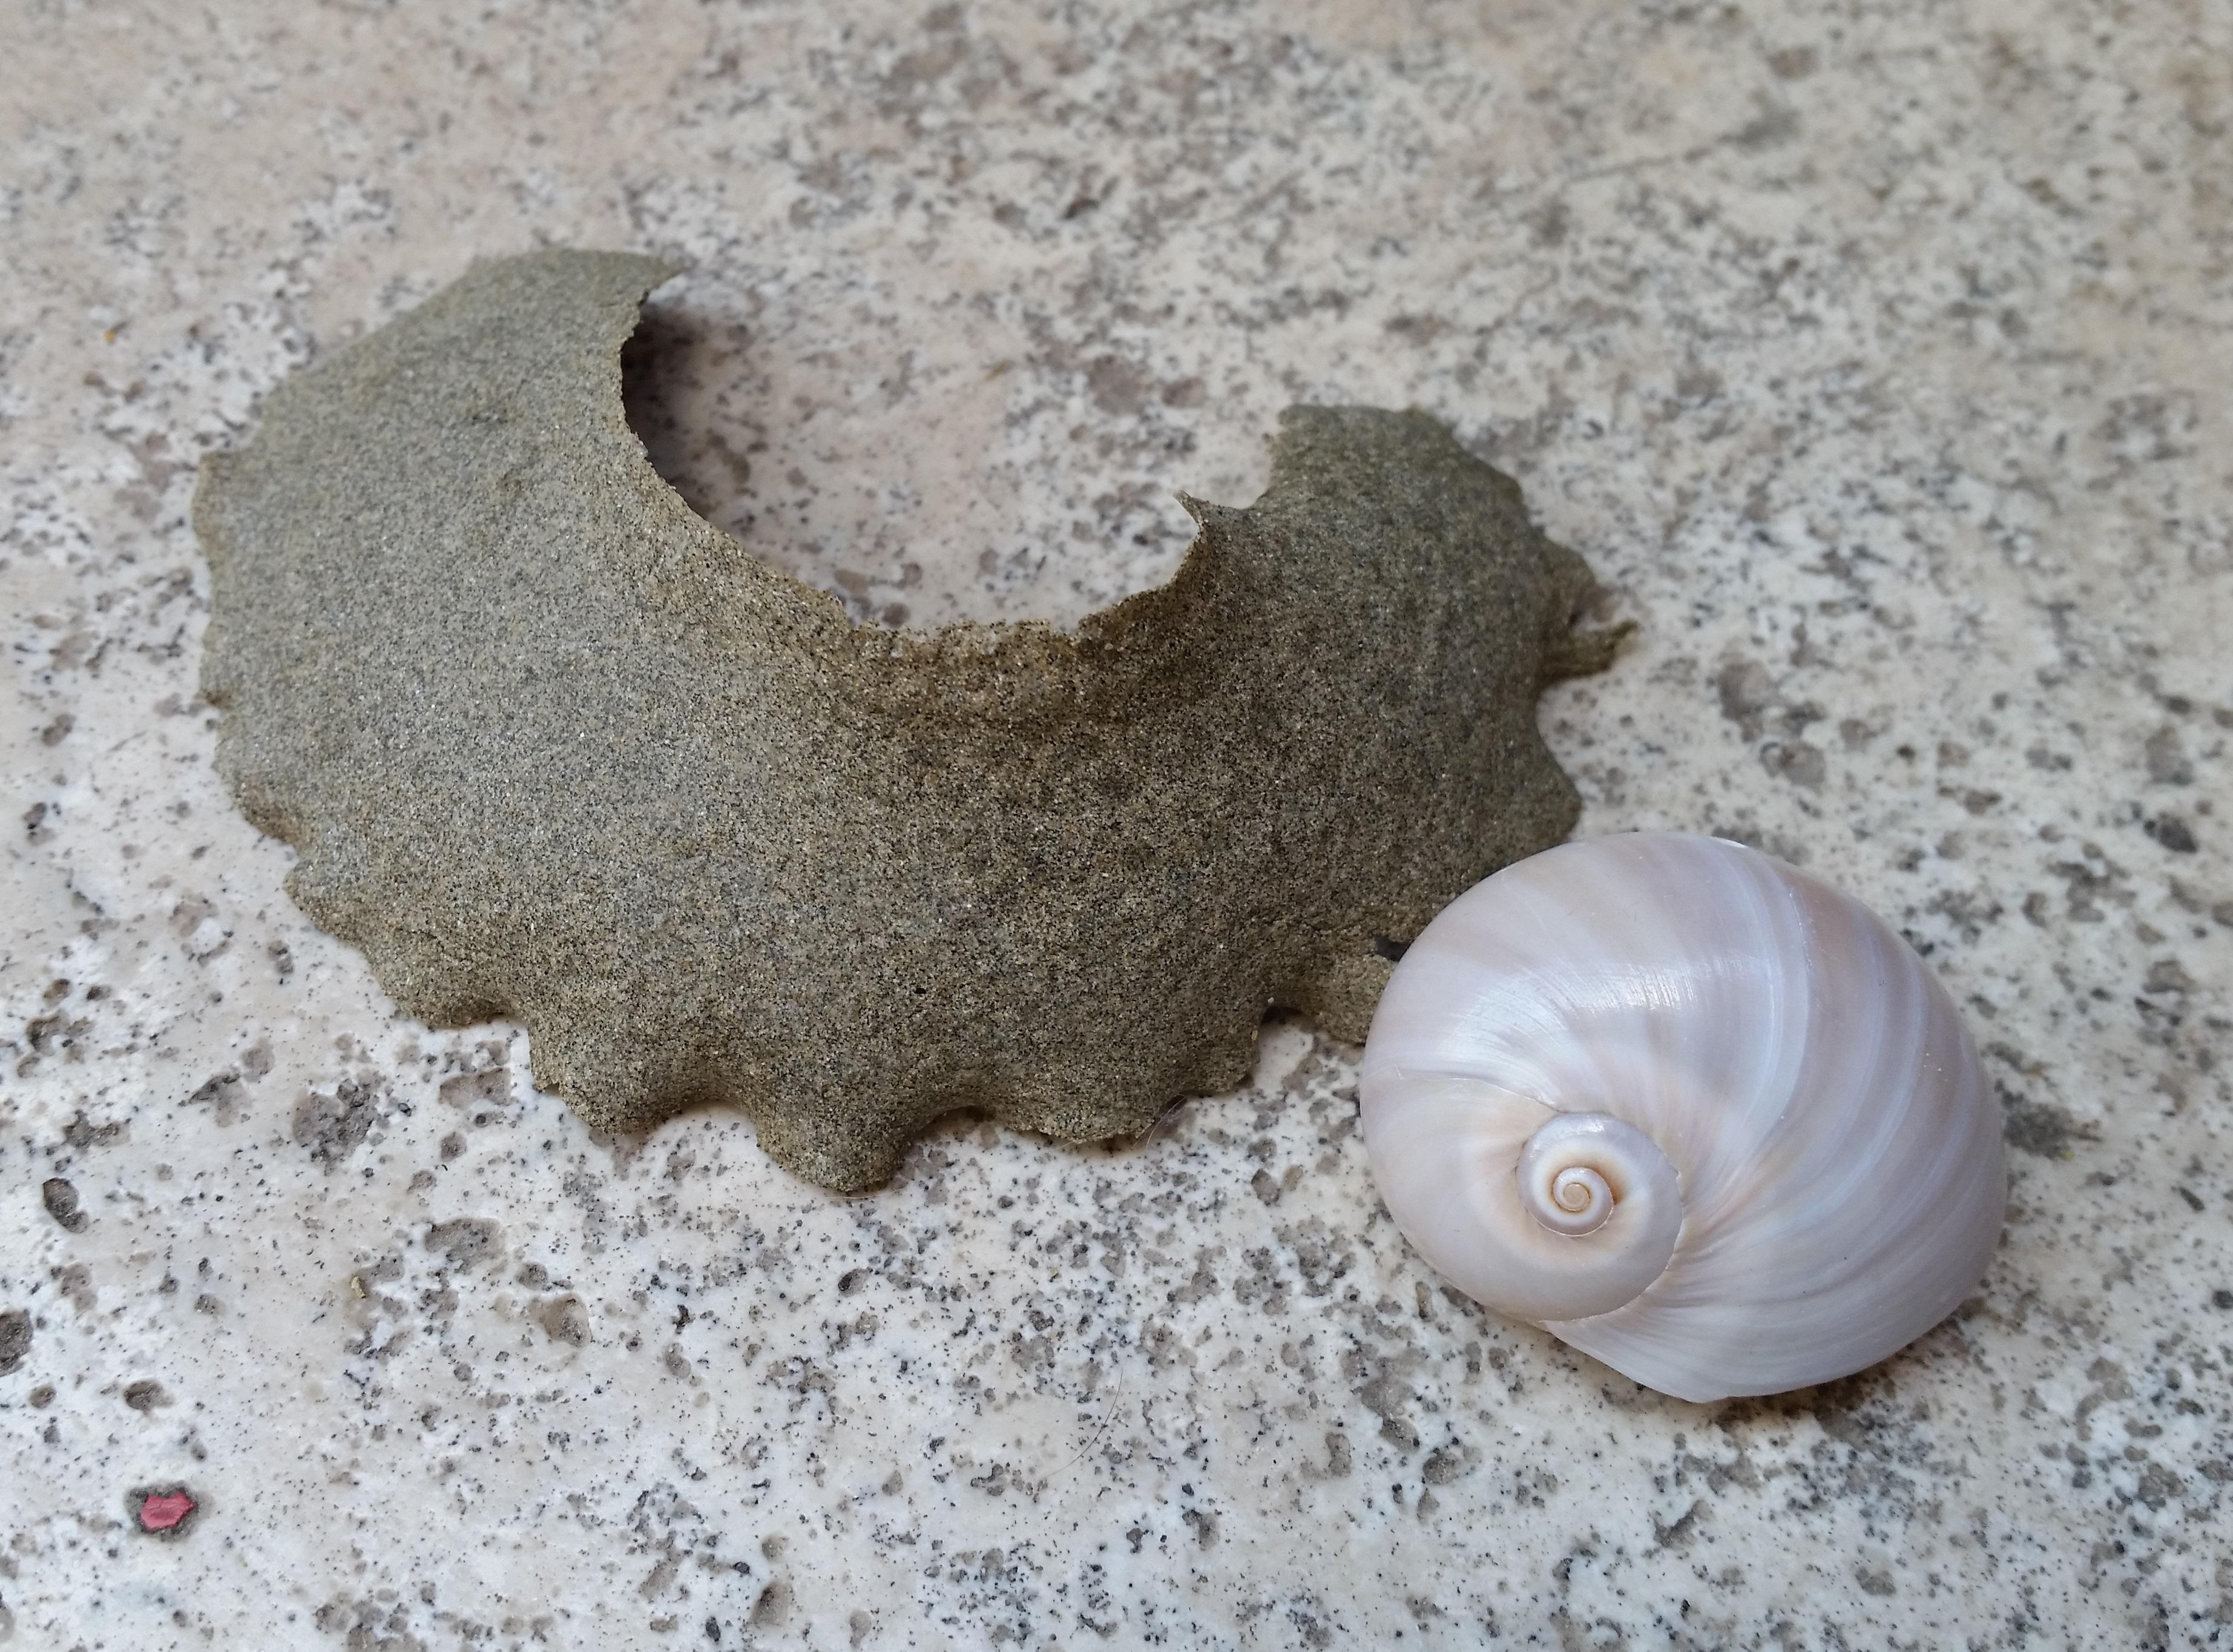 Per ammirare il ricamo della Vita basta una passeggiata in spiaggia: le ovature dei Gasteropodi Naticidi